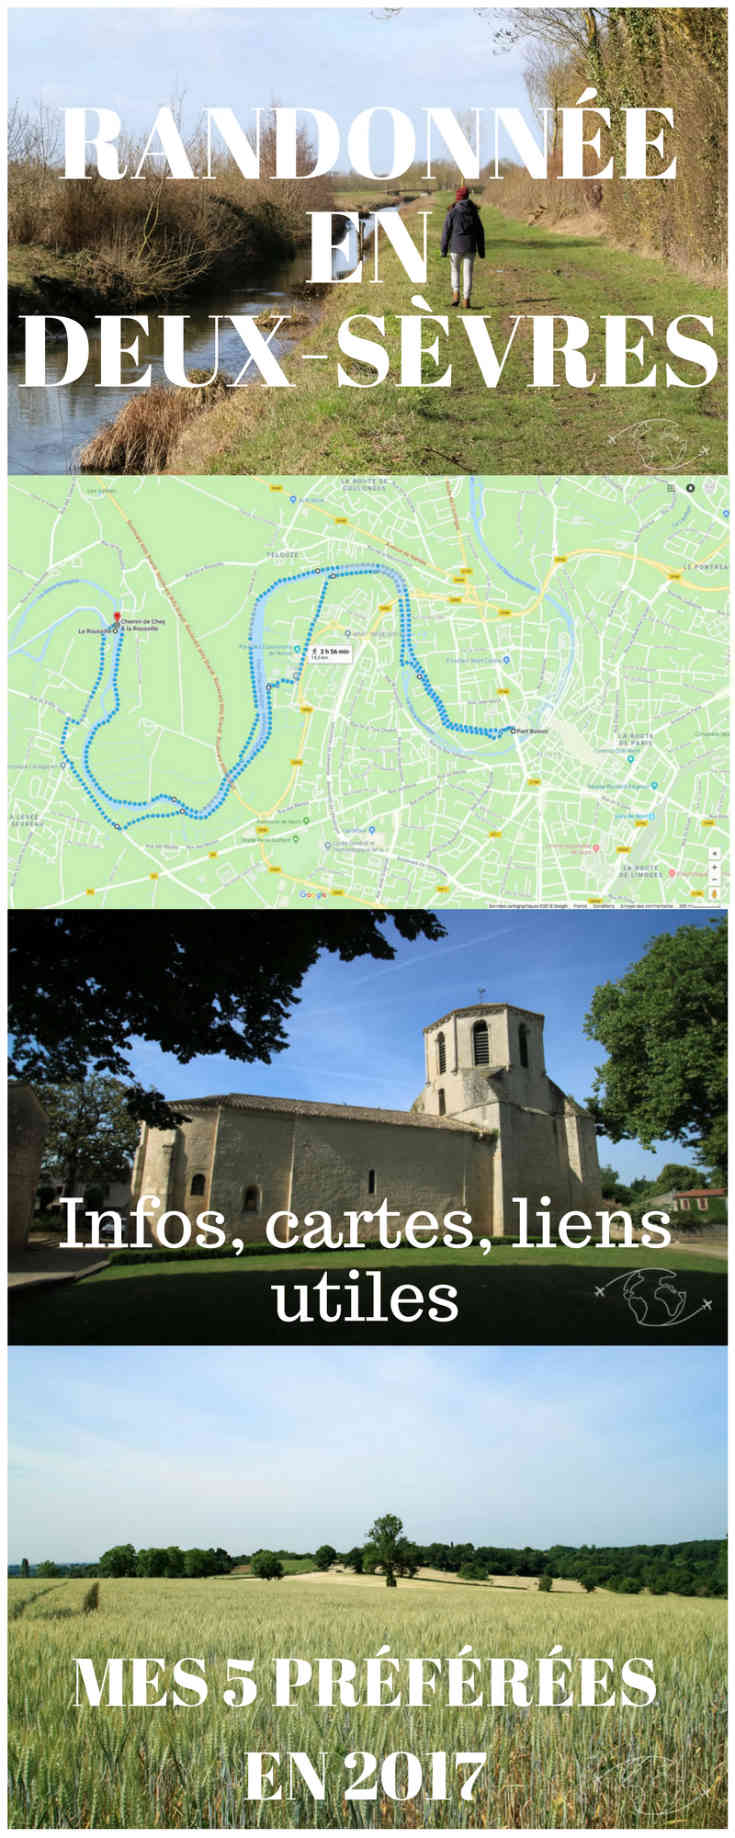 Vous souhaitez randonner en Deux-Sèvres ? Trouvez ici les liens utiles pour trouver et préparer votre randonnée et des infos sur mes 5 randonnées préférées en 2017 #randonnée #deuxsevres #niort